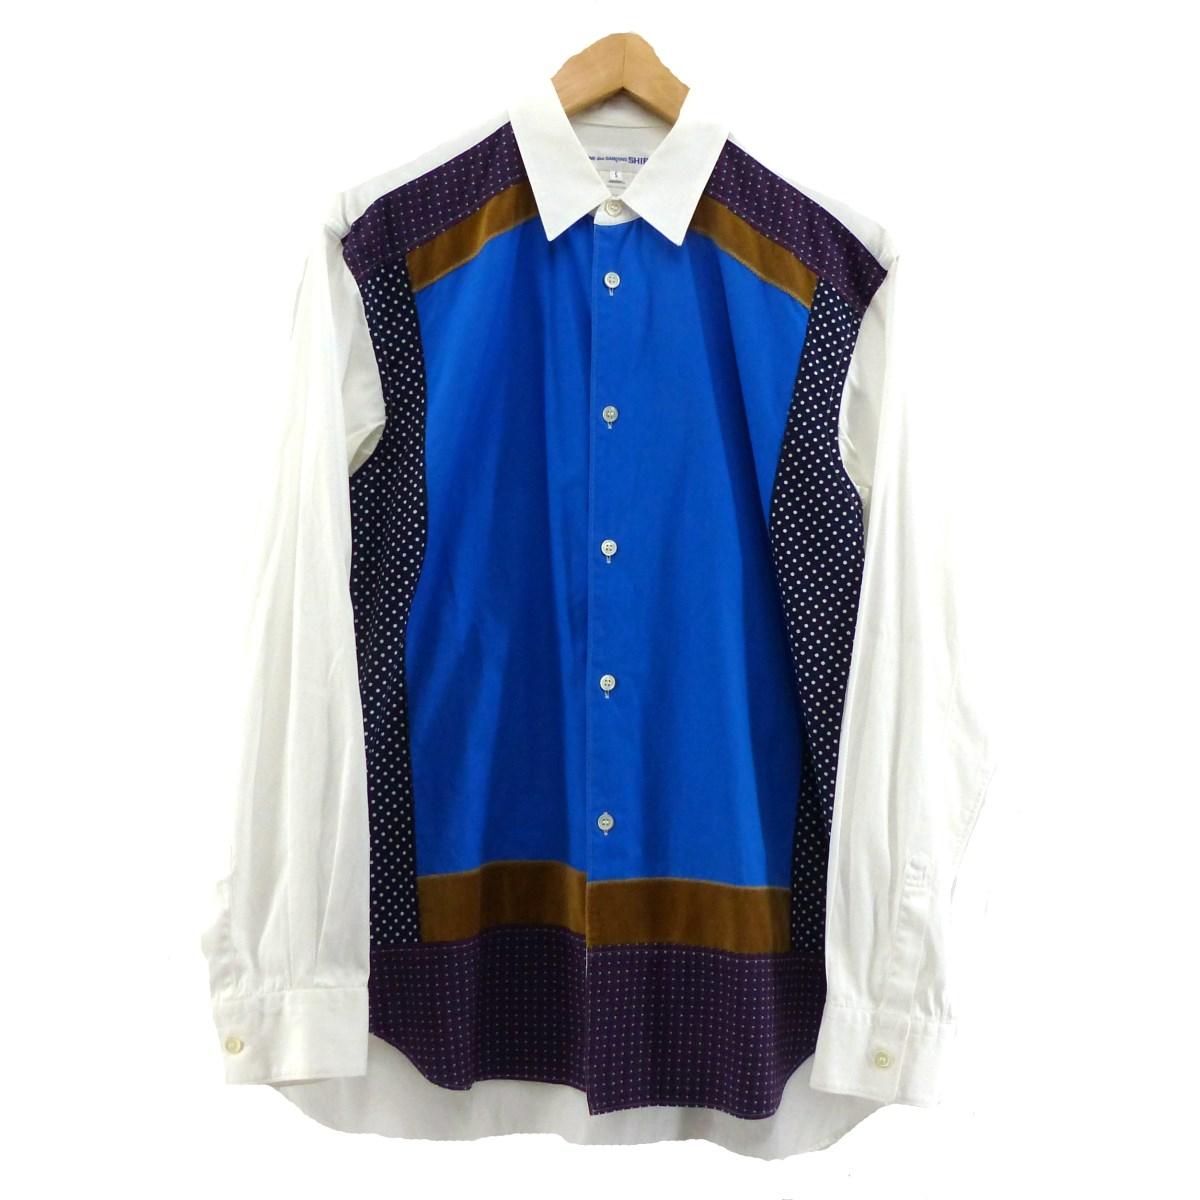 【中古】COMME des GARCONS SHIRT W25048 切替デザイン シャツ ブルー×ホワイト サイズ:S 【240320】(コムデギャルソンシャツ)